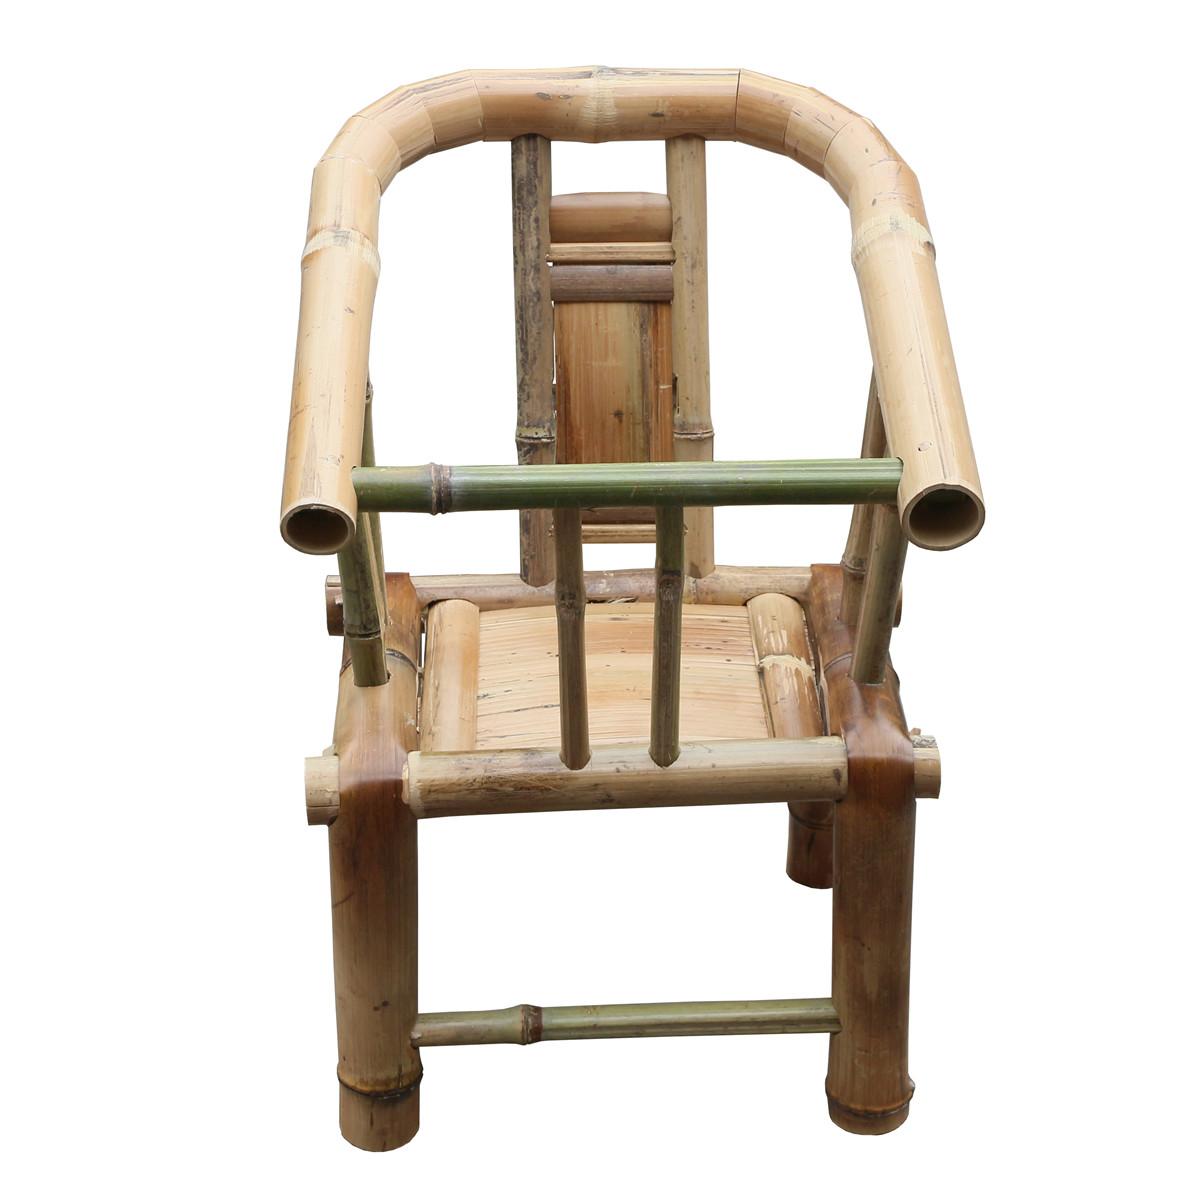 竹语轩:家具毛竹家具绿色环保儿童家具儿童椅亮光白竹凳的红苹果图片